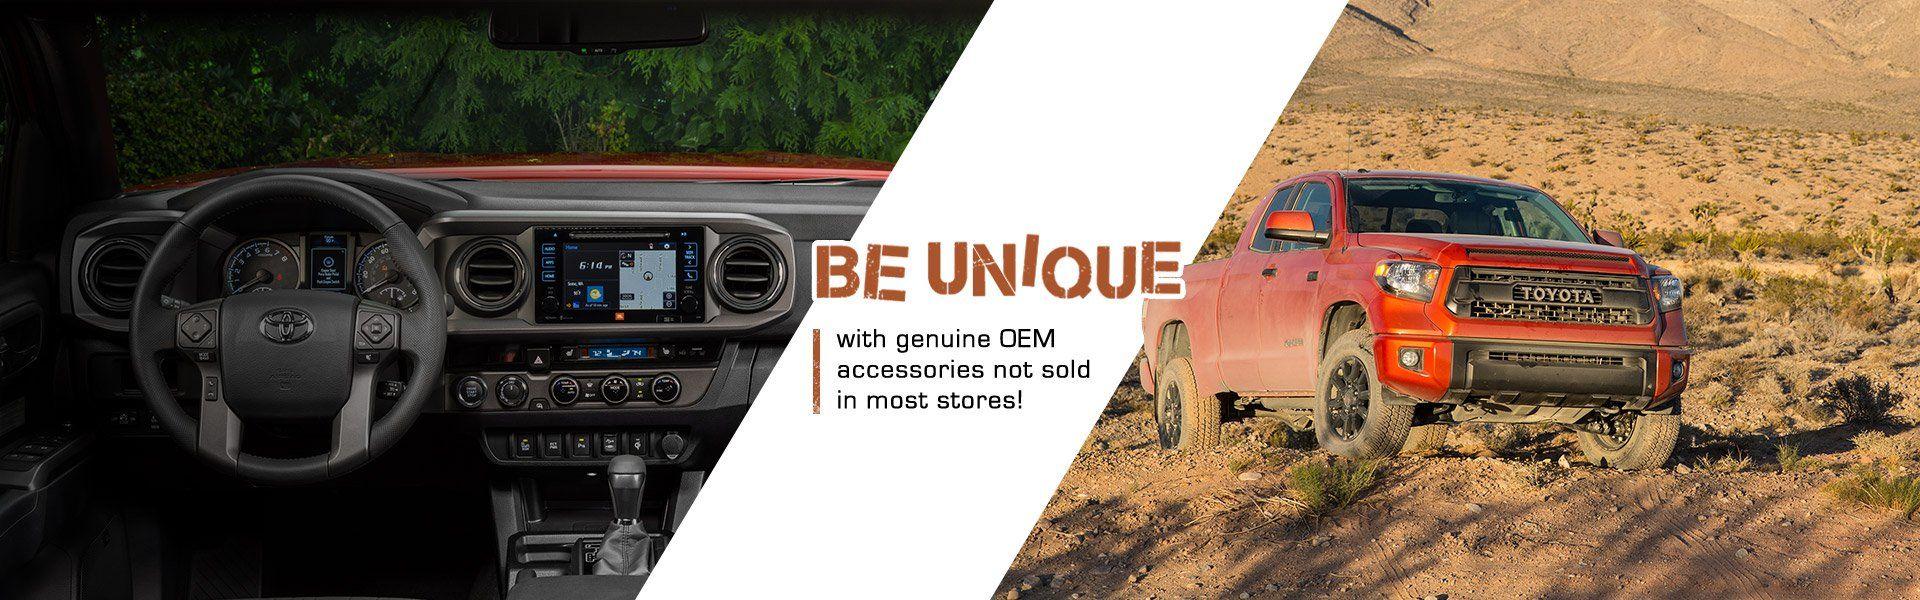 Be unique. Toyota OEM accessories